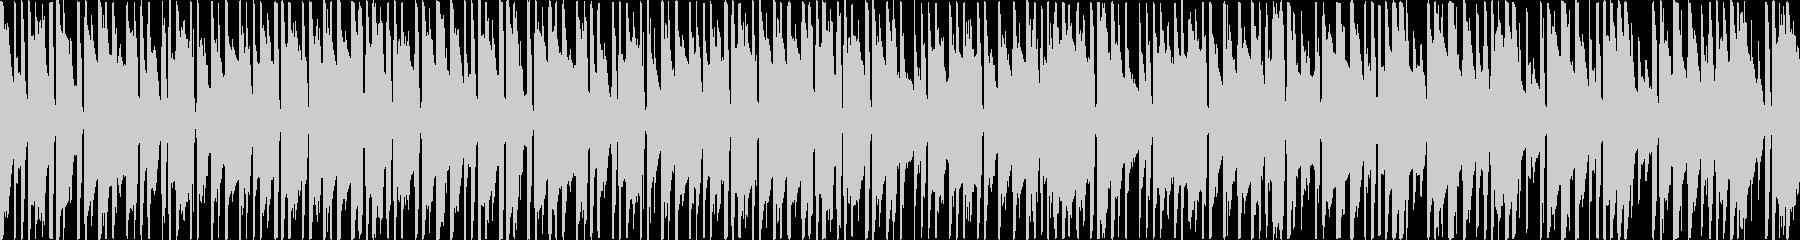 お洒落なボサノバ(メロディ無し・ループ)の未再生の波形